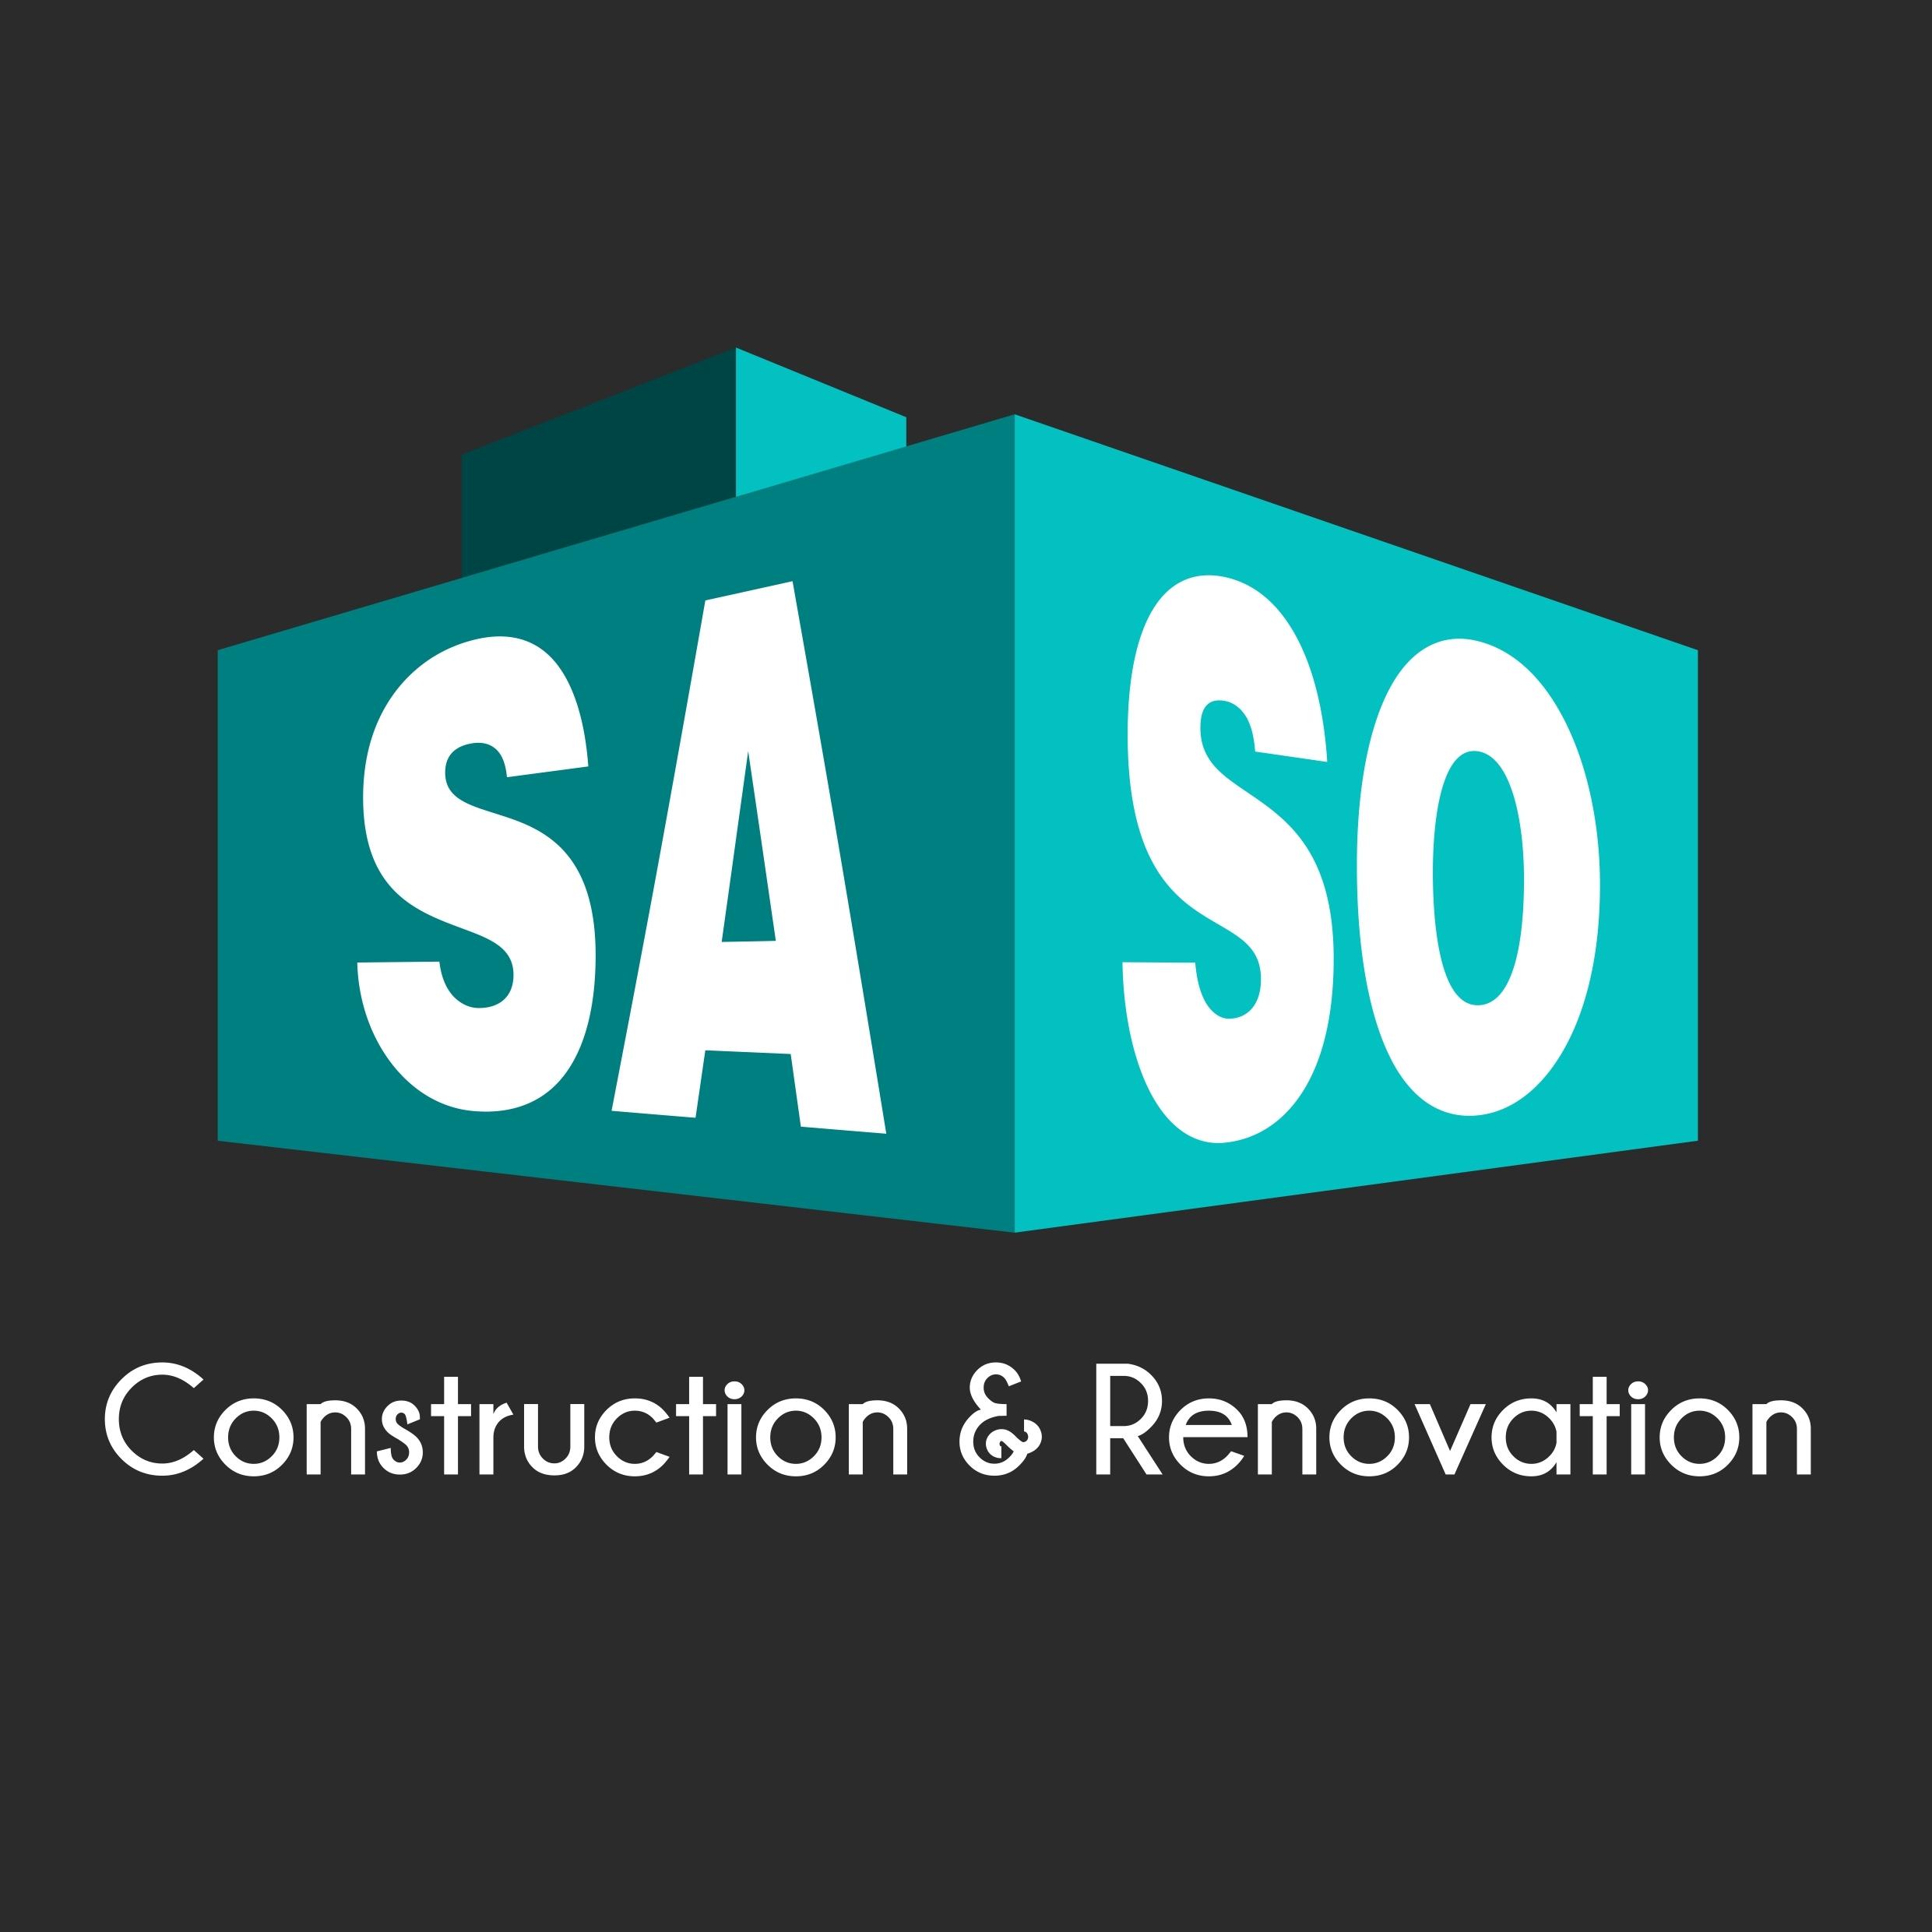 Saso Construction and Renovation